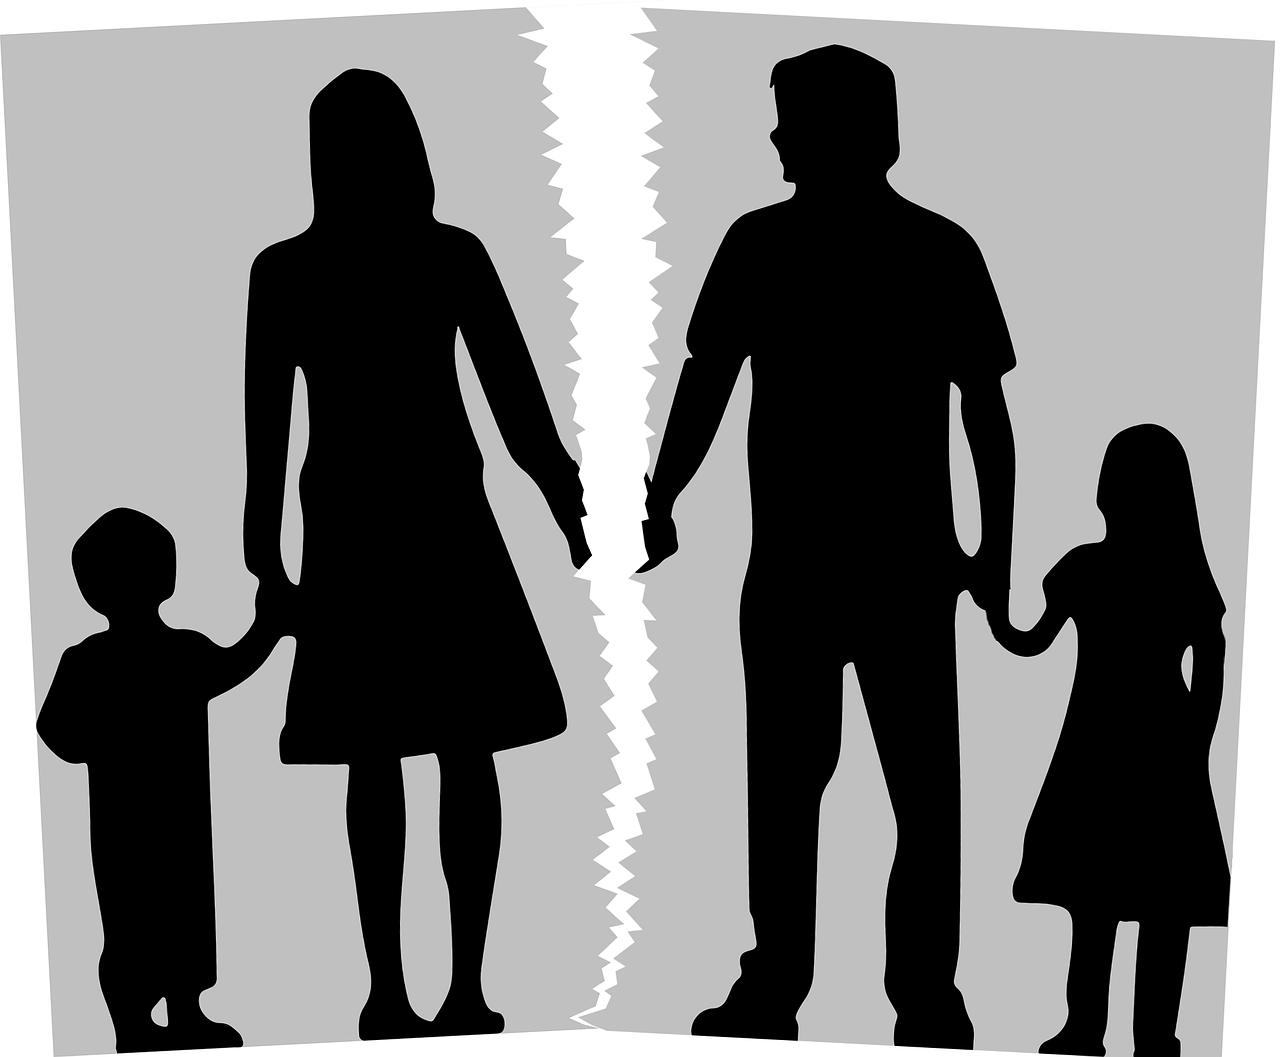 Divorcio de mutuo acuerdo o divorcio express